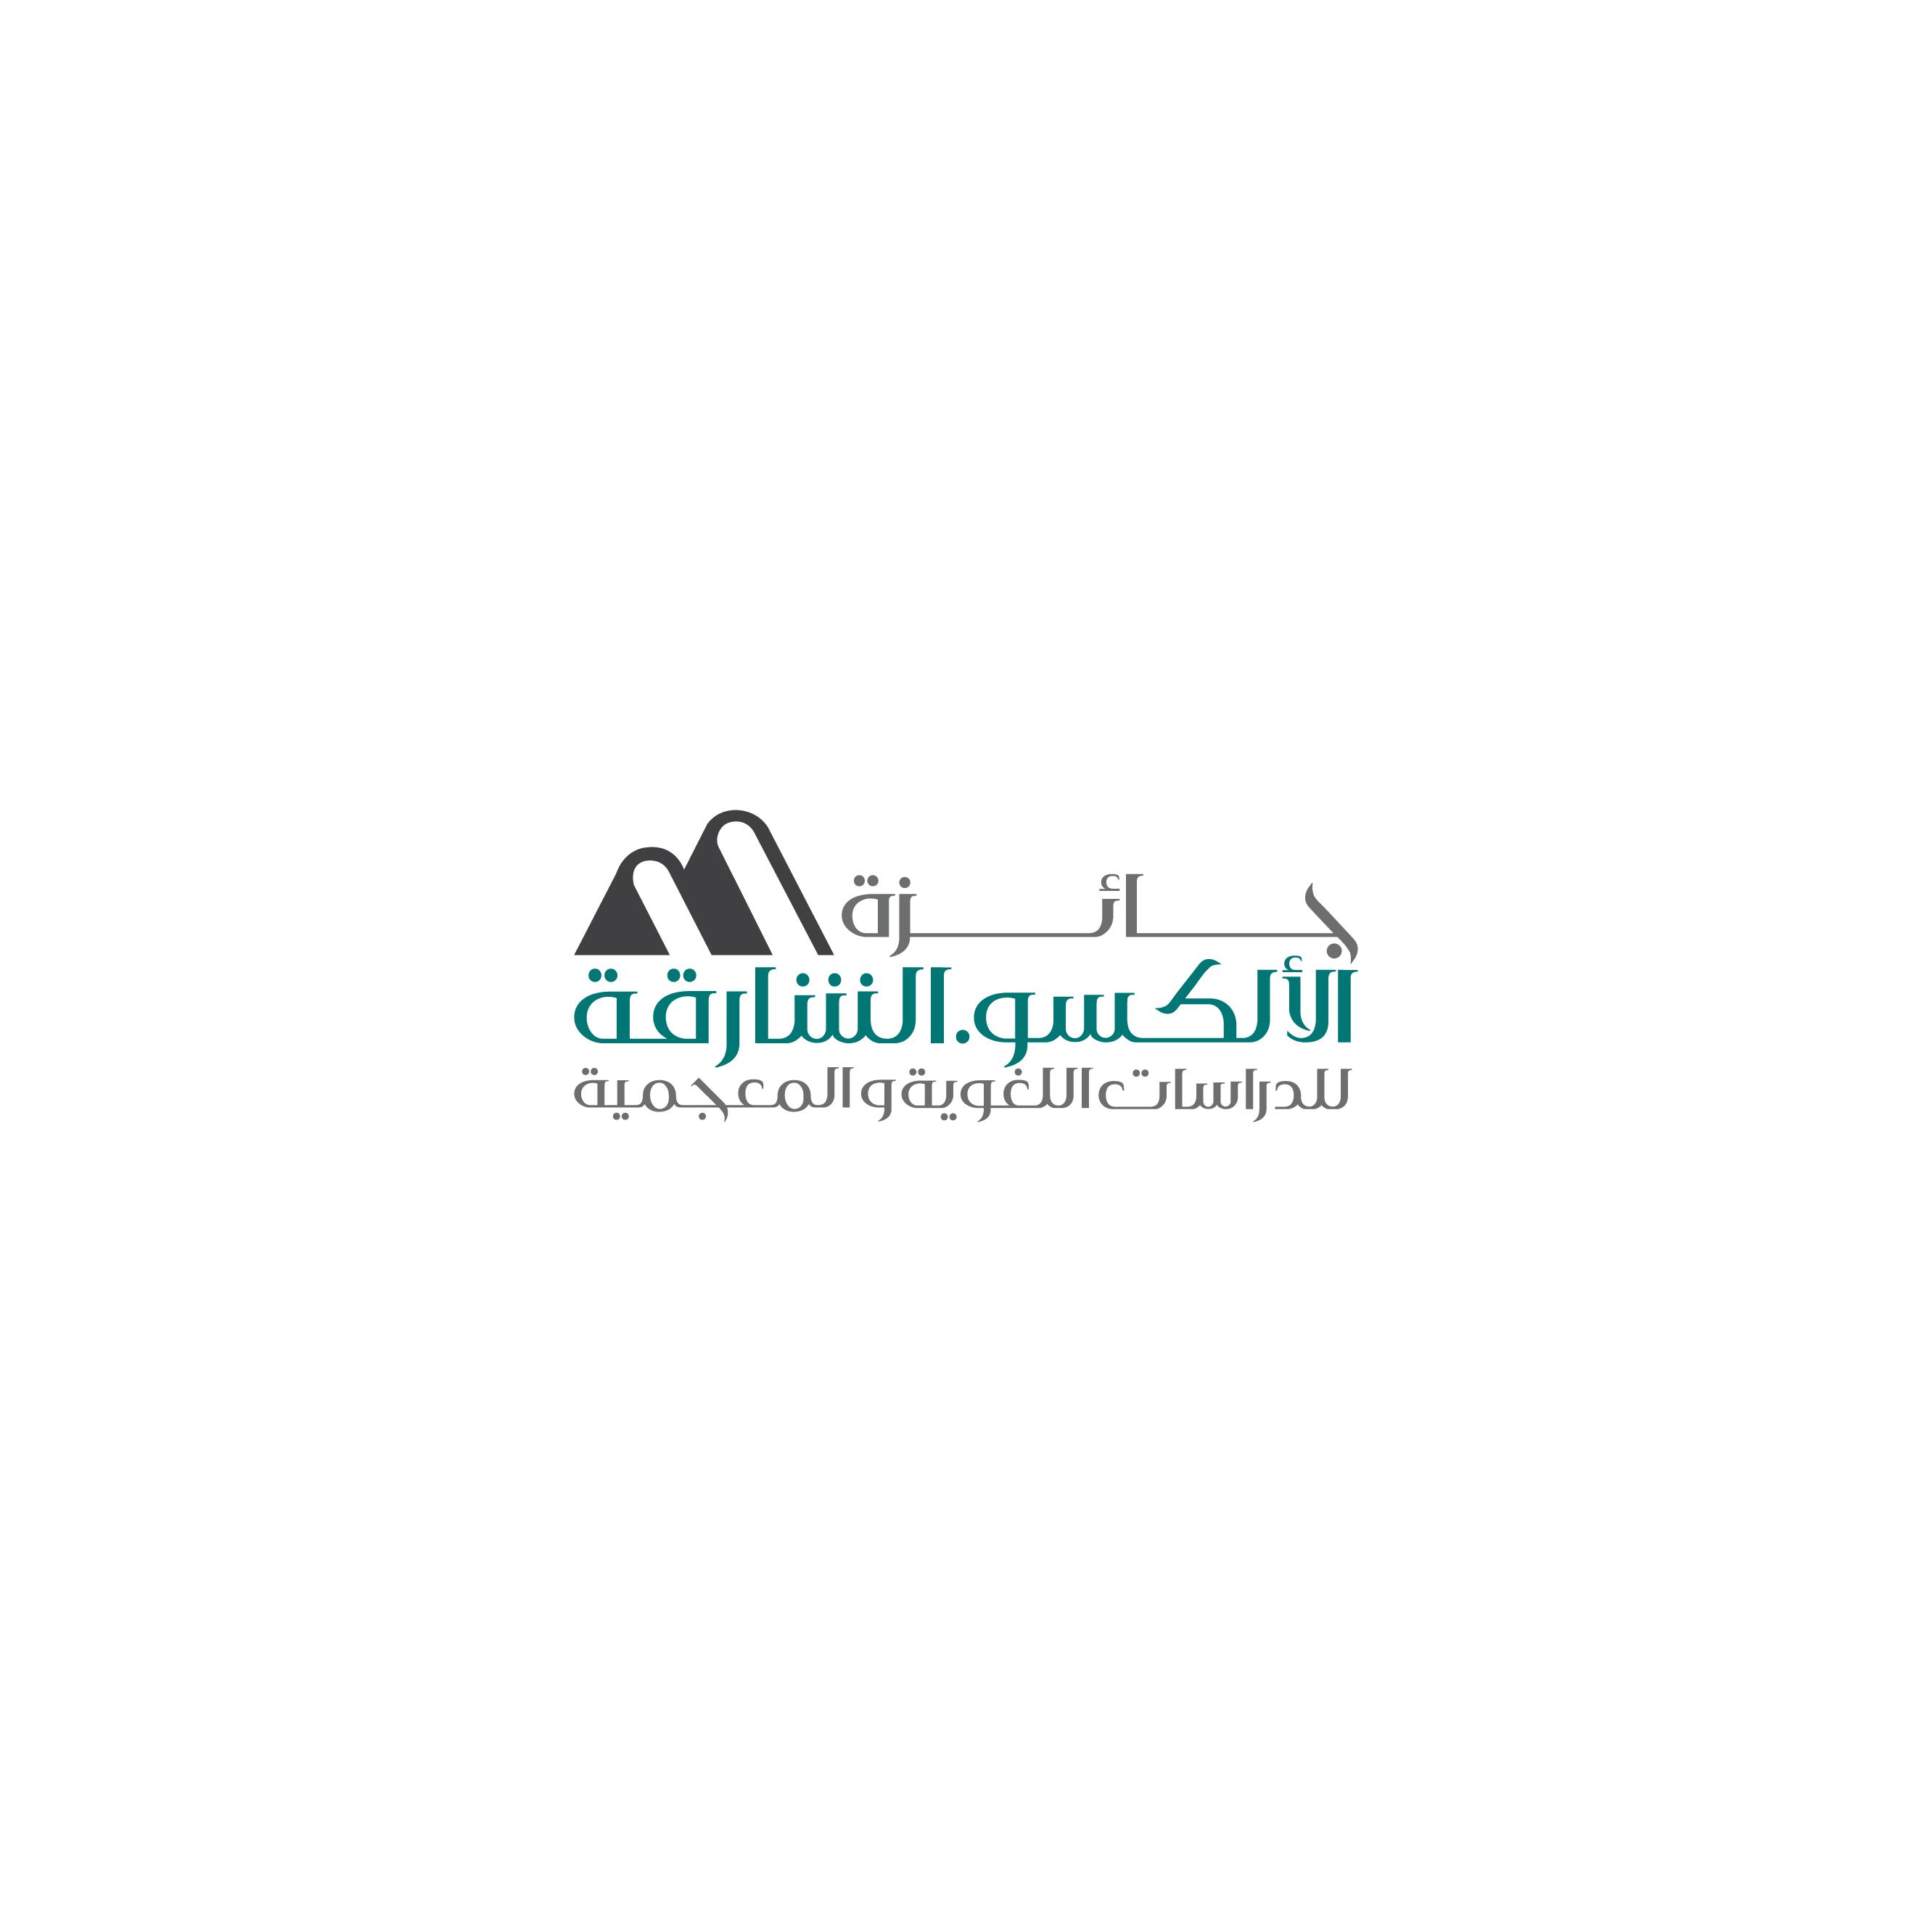 شعار جائزة ألكسو للغة العربية